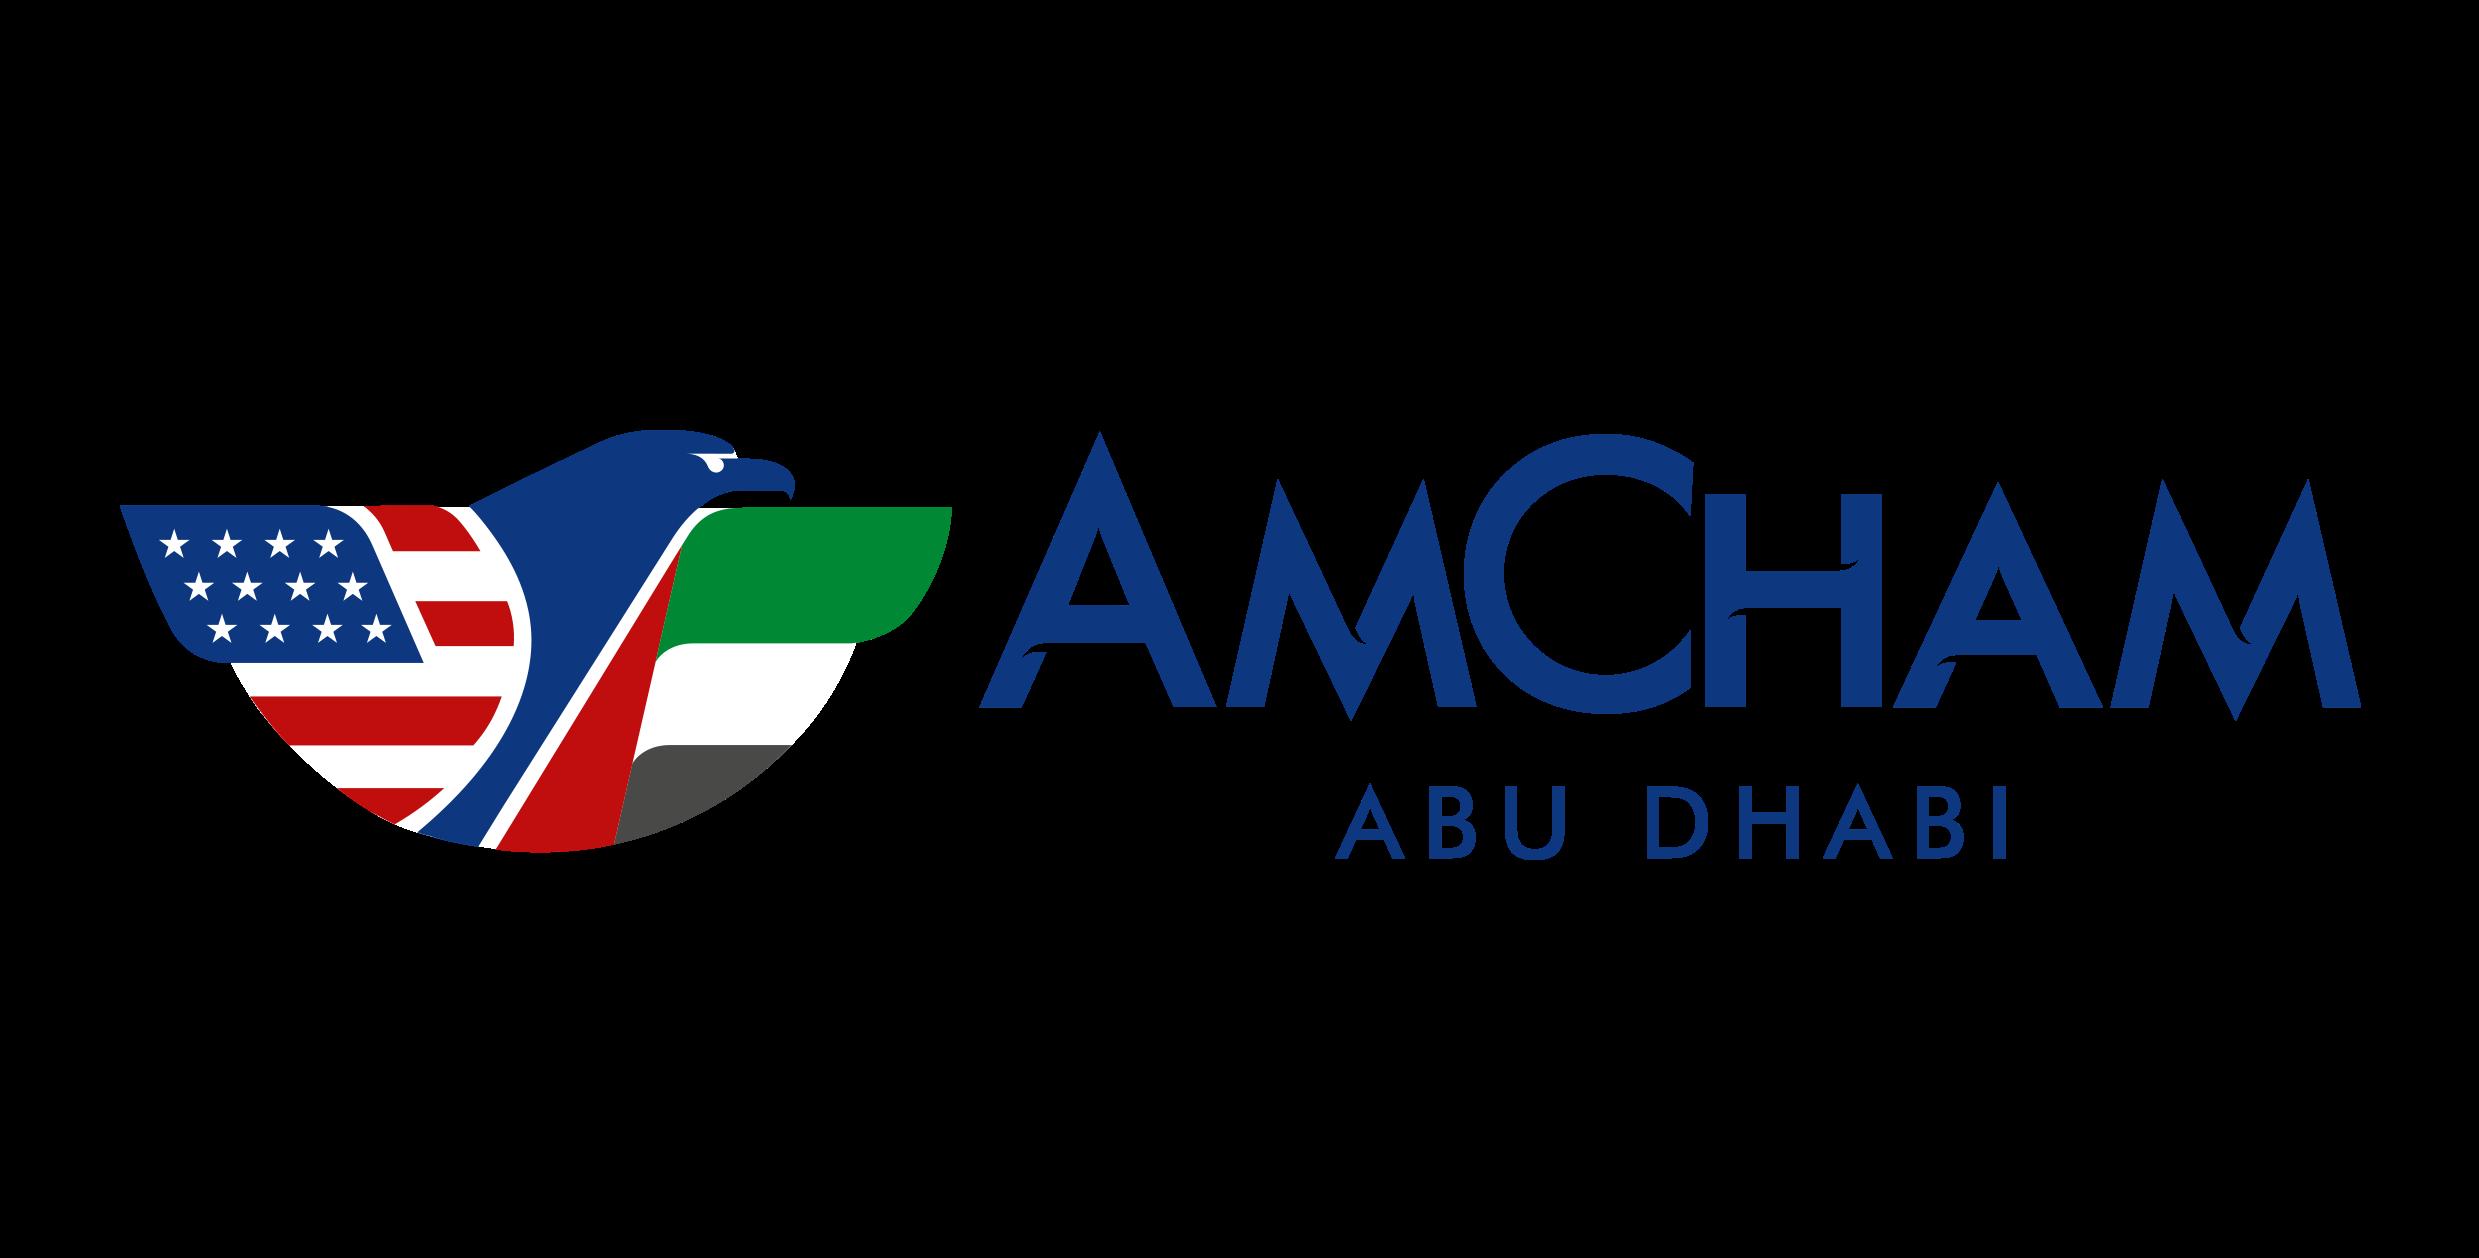 AmCham Abu Dhabi